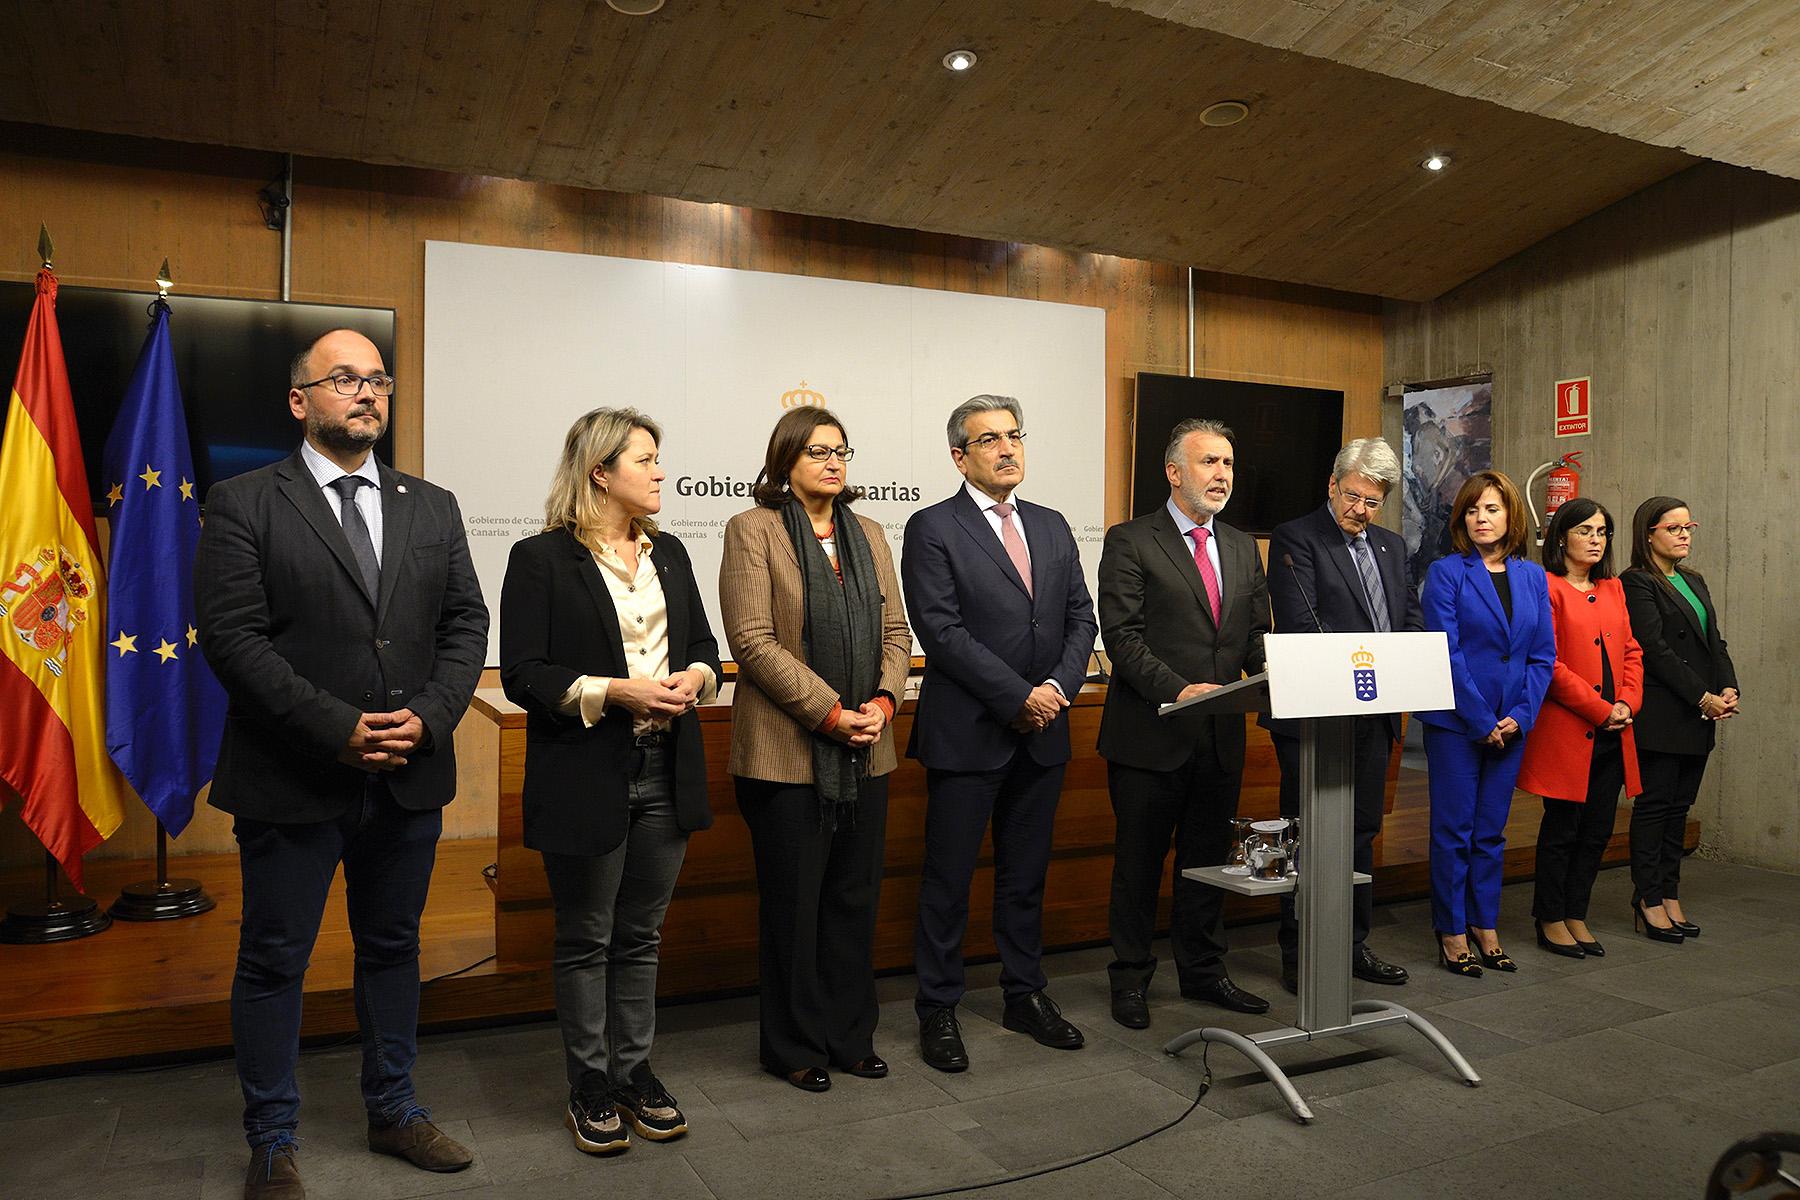 Declaración institucional con motivo del Día Internacional de la Eliminación de la Violencia contra la Mujer